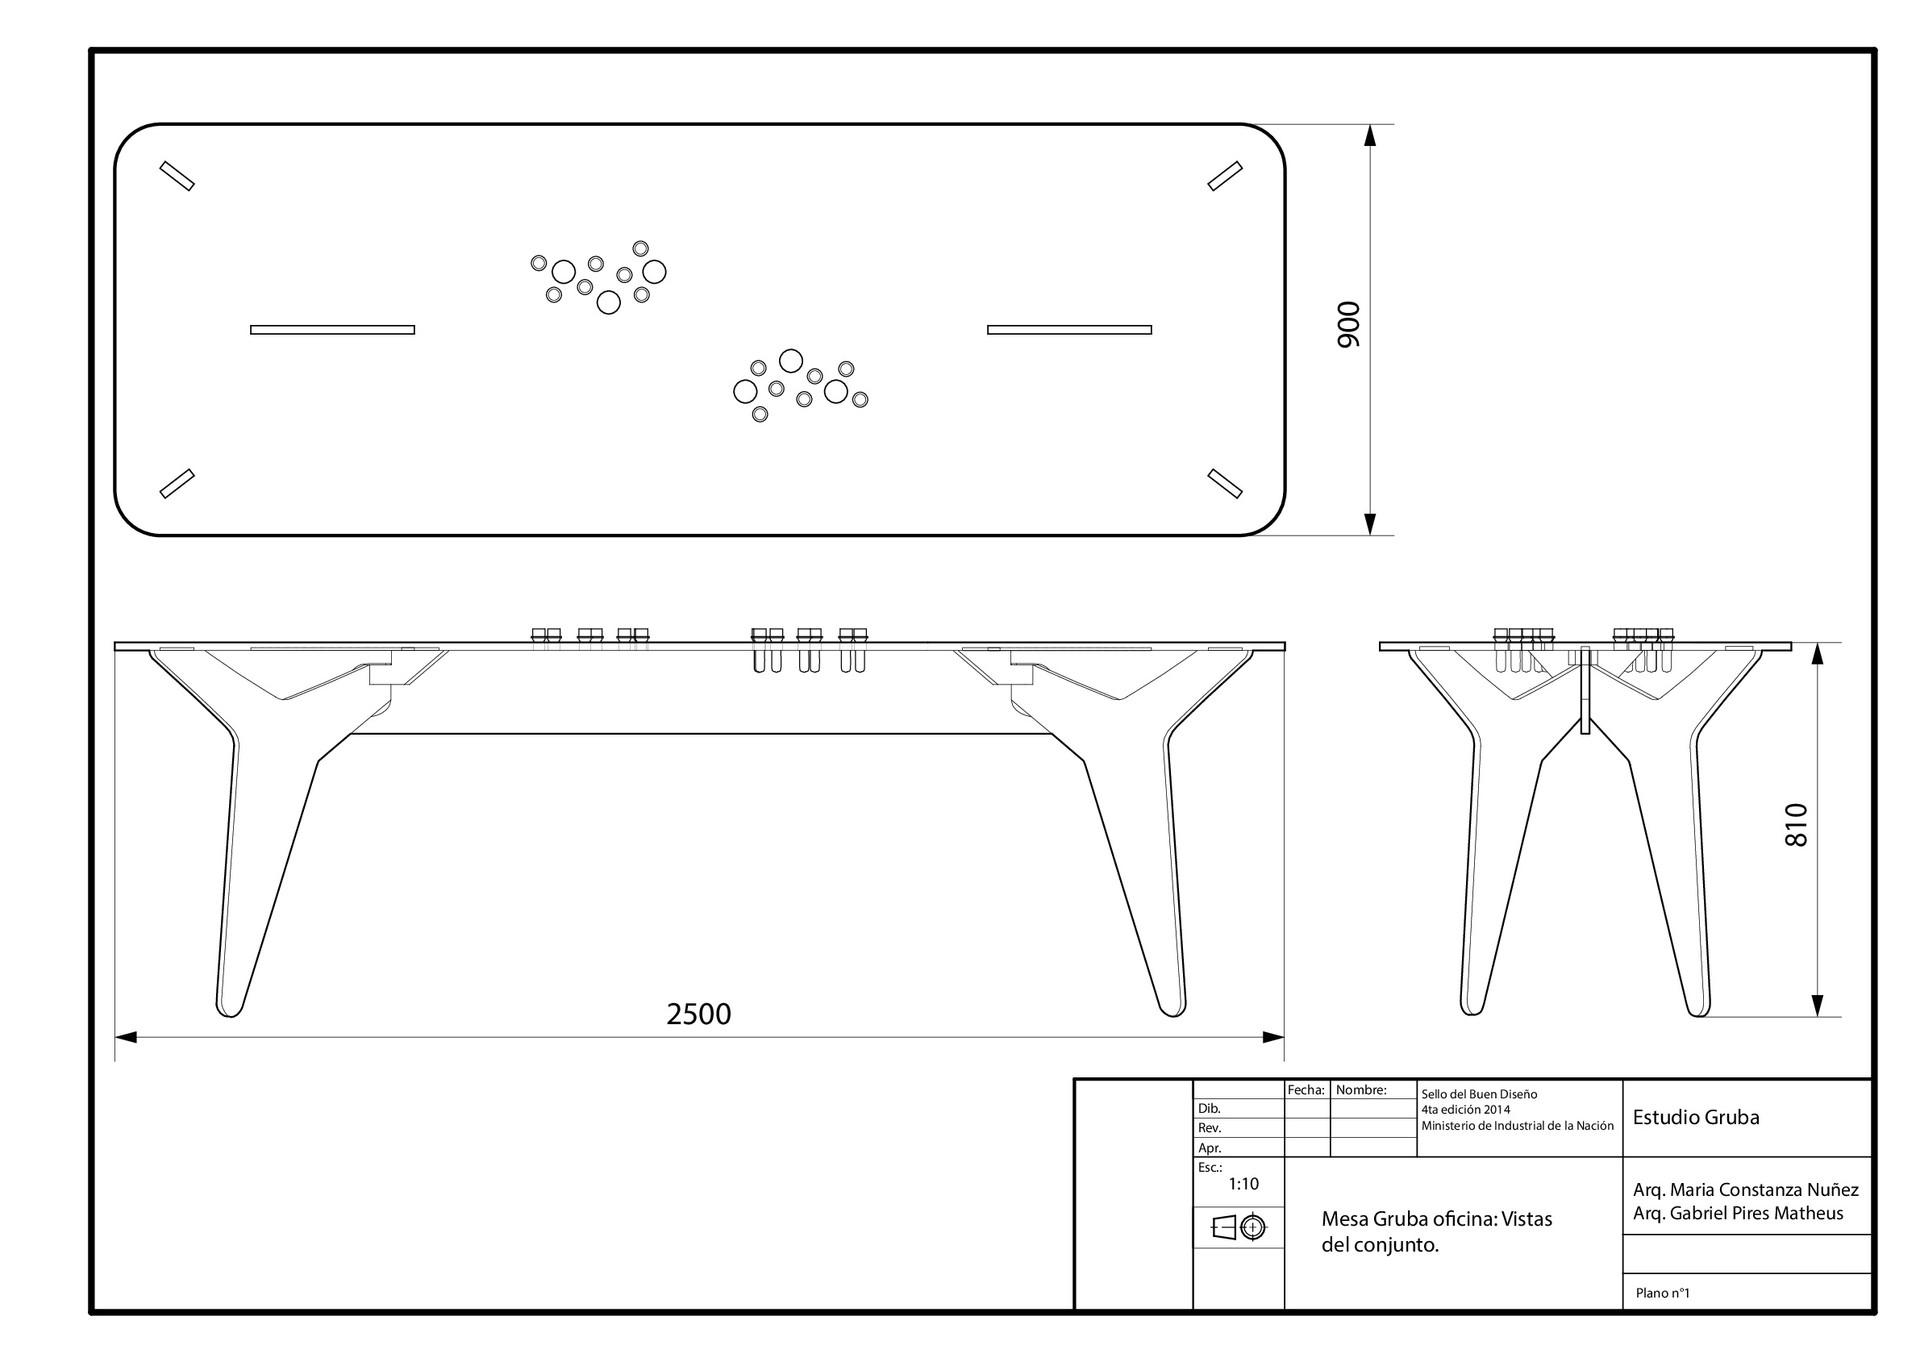 Mesa-Gruba-de-Oficina-carpeta-B-001.jpg